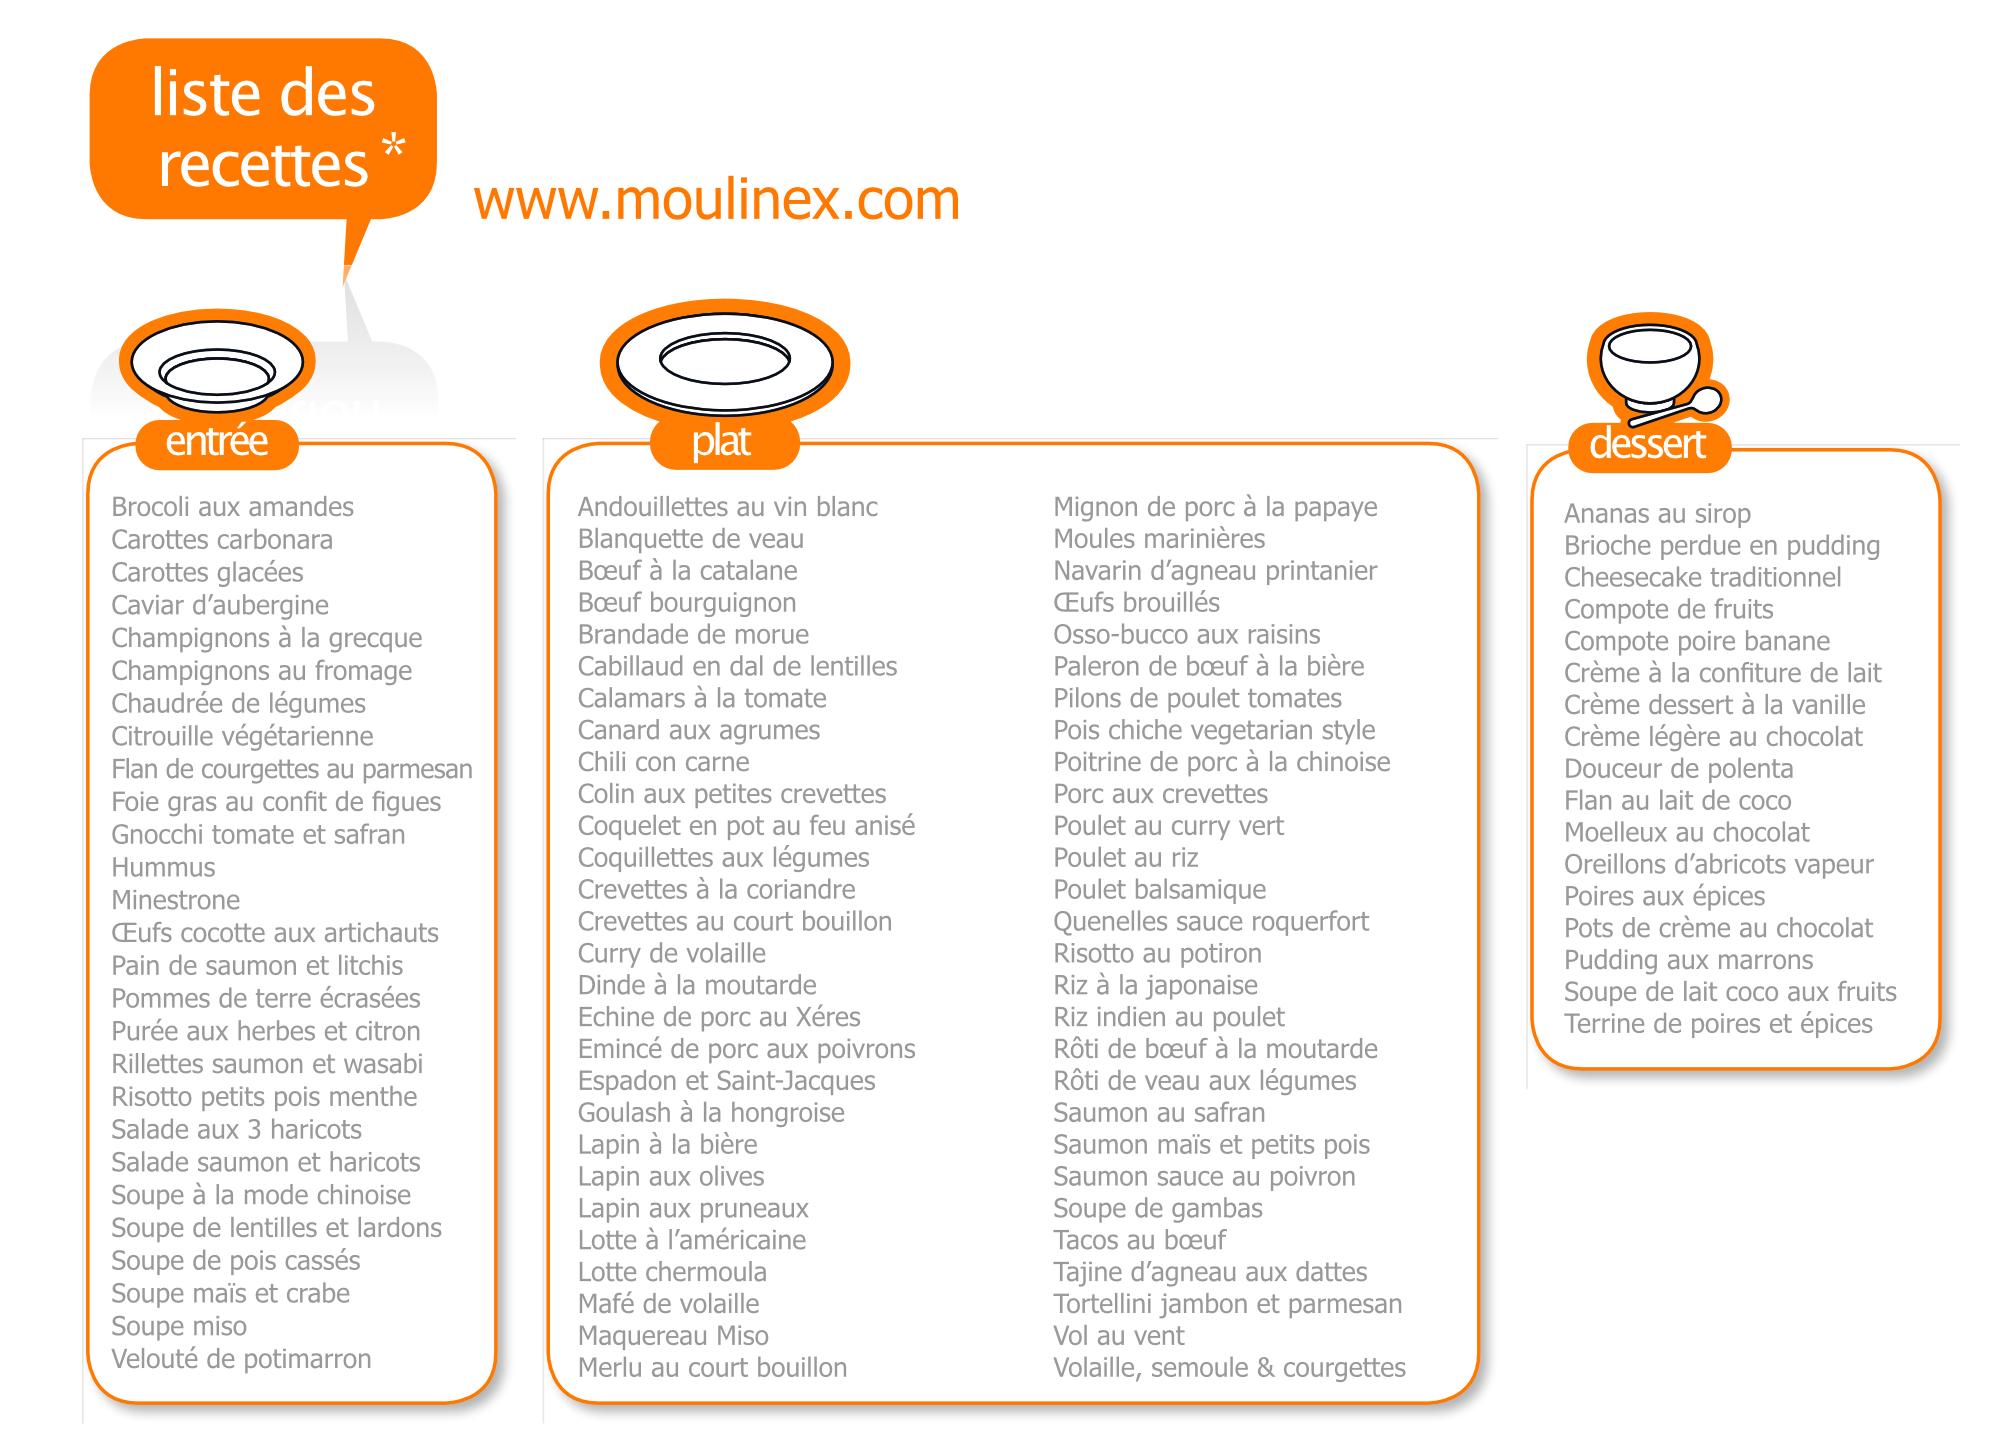 liste des 100 recettes cookeo